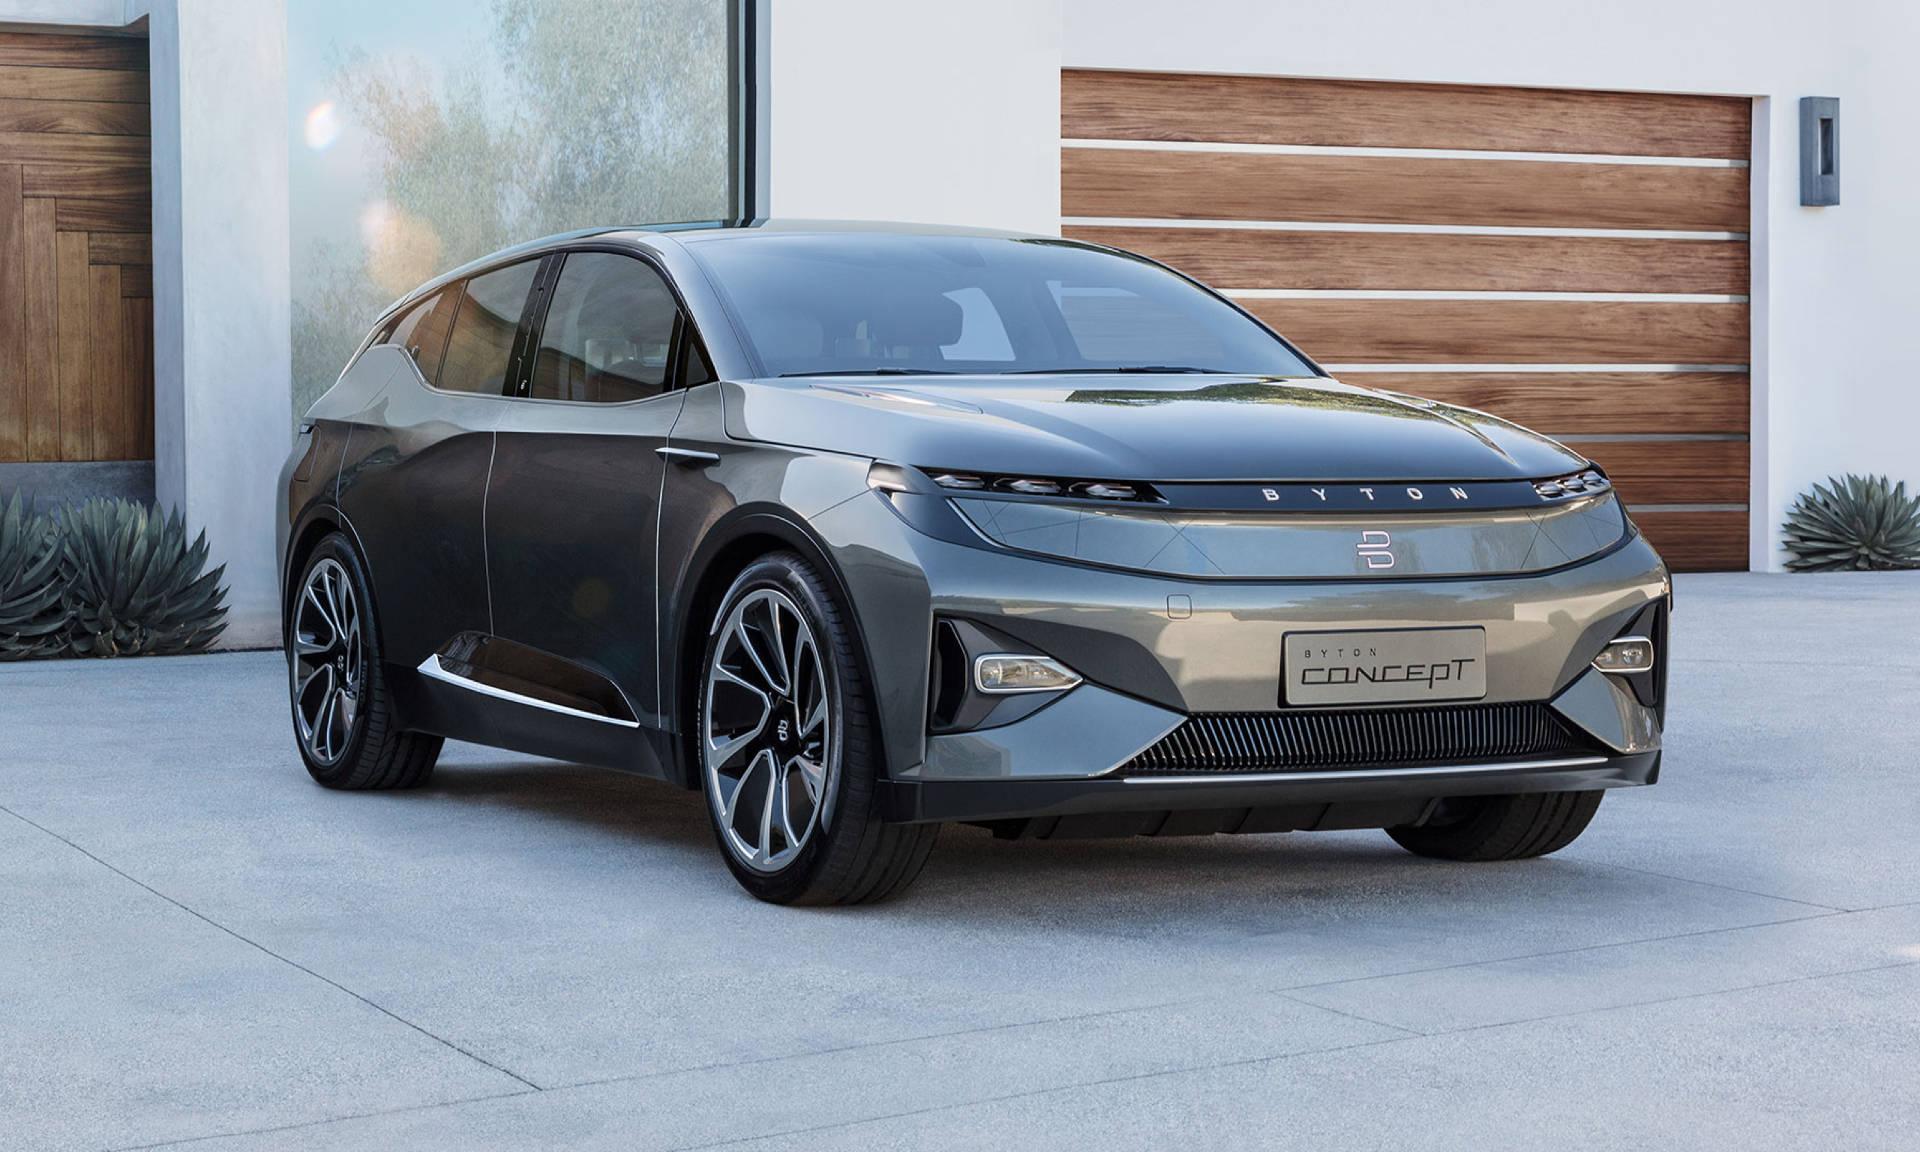 造车更进一步 富士康或将收购原通用汽车工厂